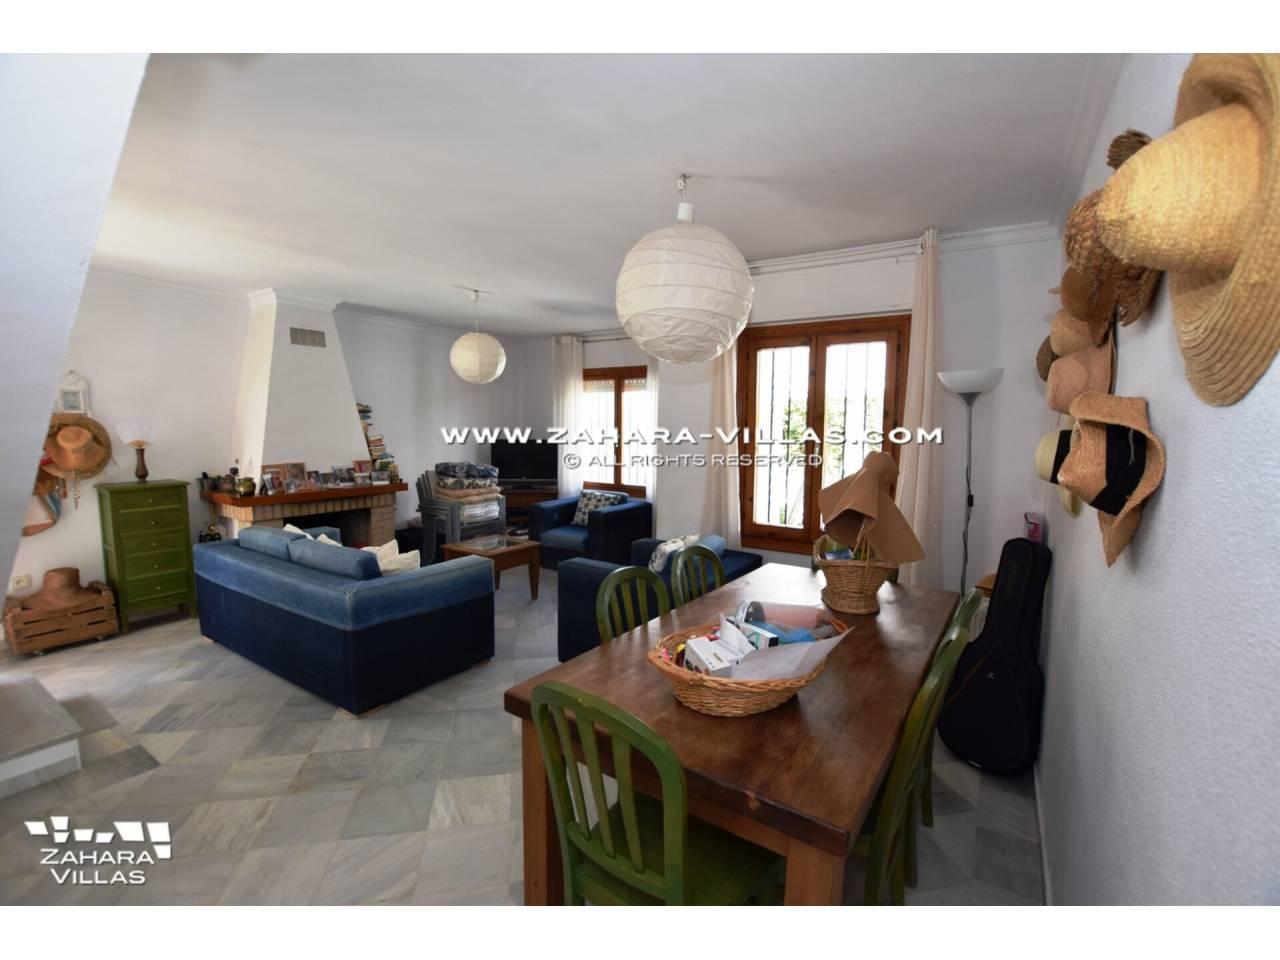 Imagen 10 de Casa en venta en segunda línea de playa, con vistas al mar en Zahara de los Atunes